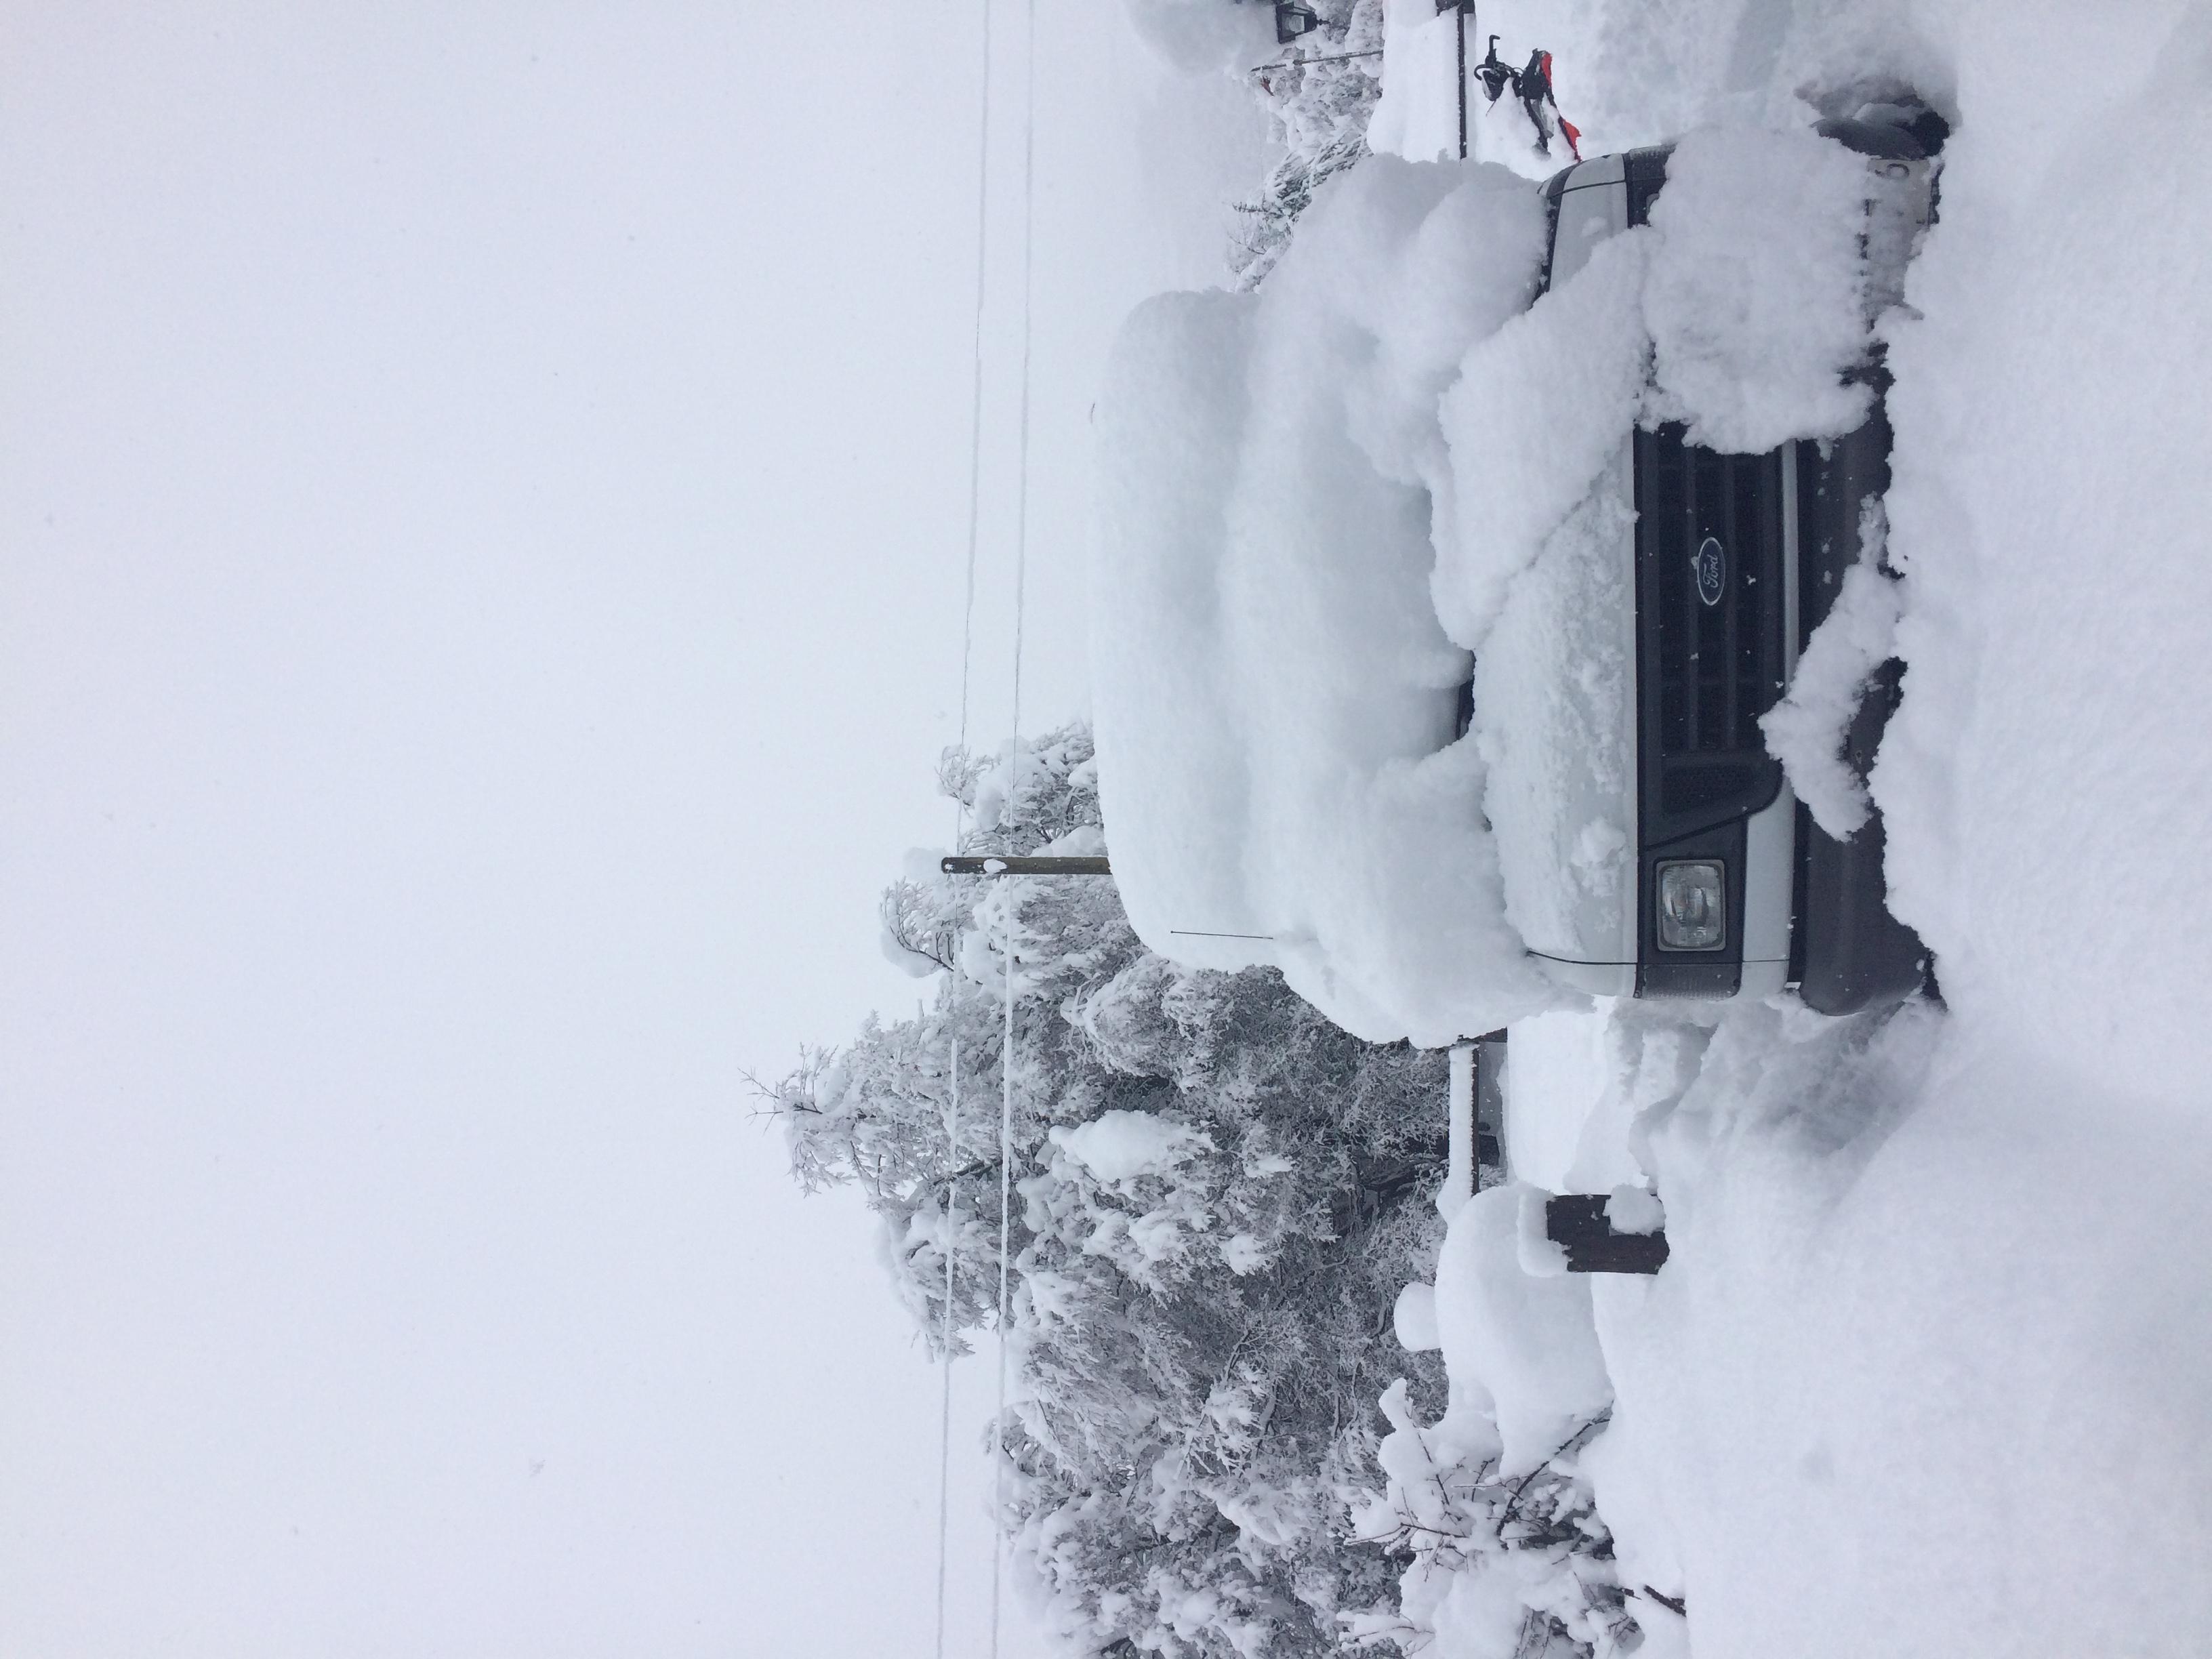 Las Trancas, Nevados de Chillan